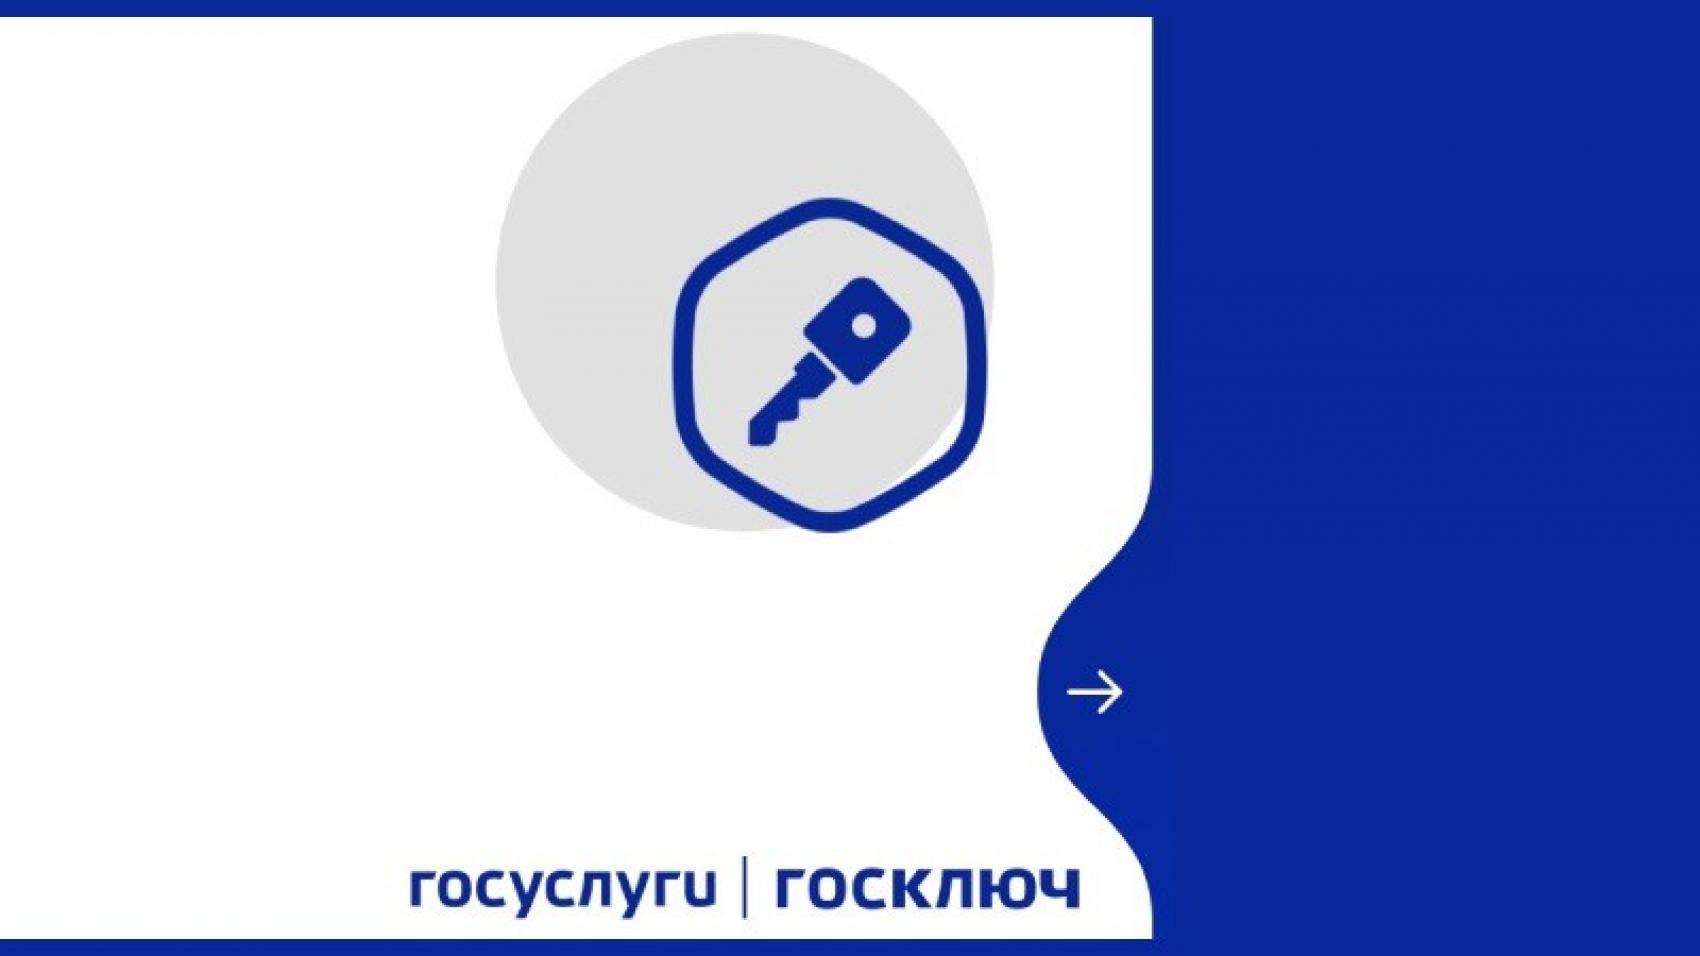 В России запустили сервис для подписания договоров онлайн